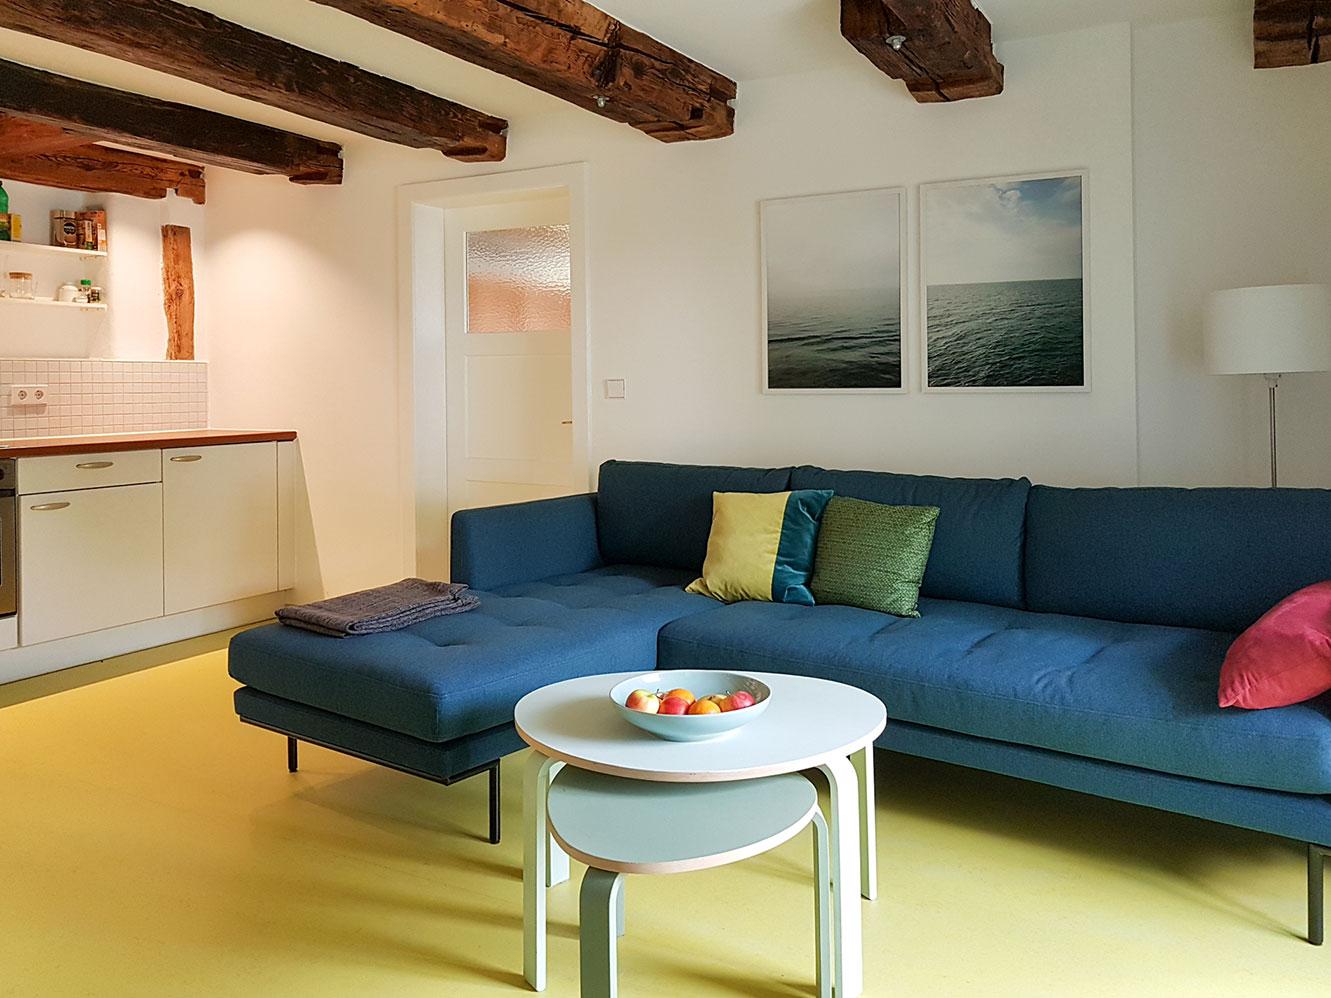 Hofreite-julie-Wohnzimmer